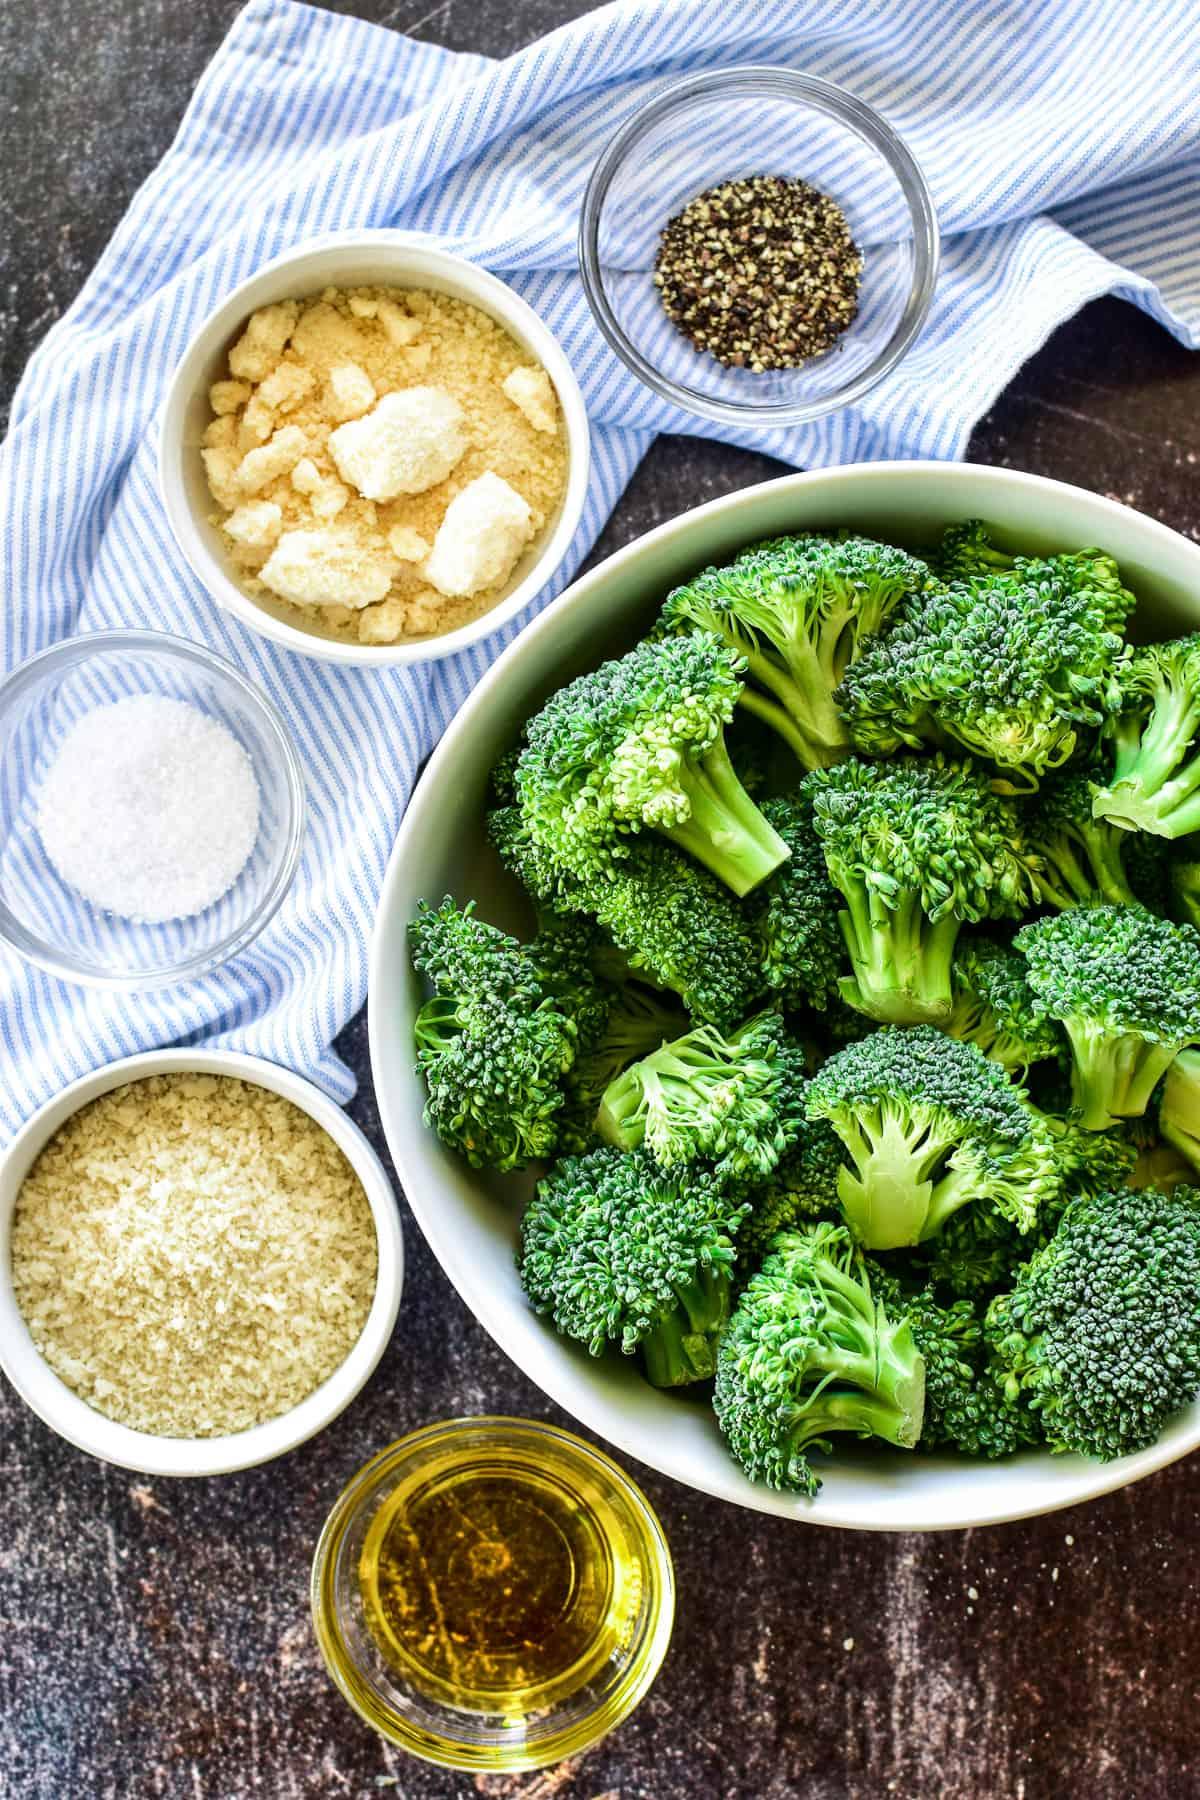 Parmesan Roasted Broccoli ingredients